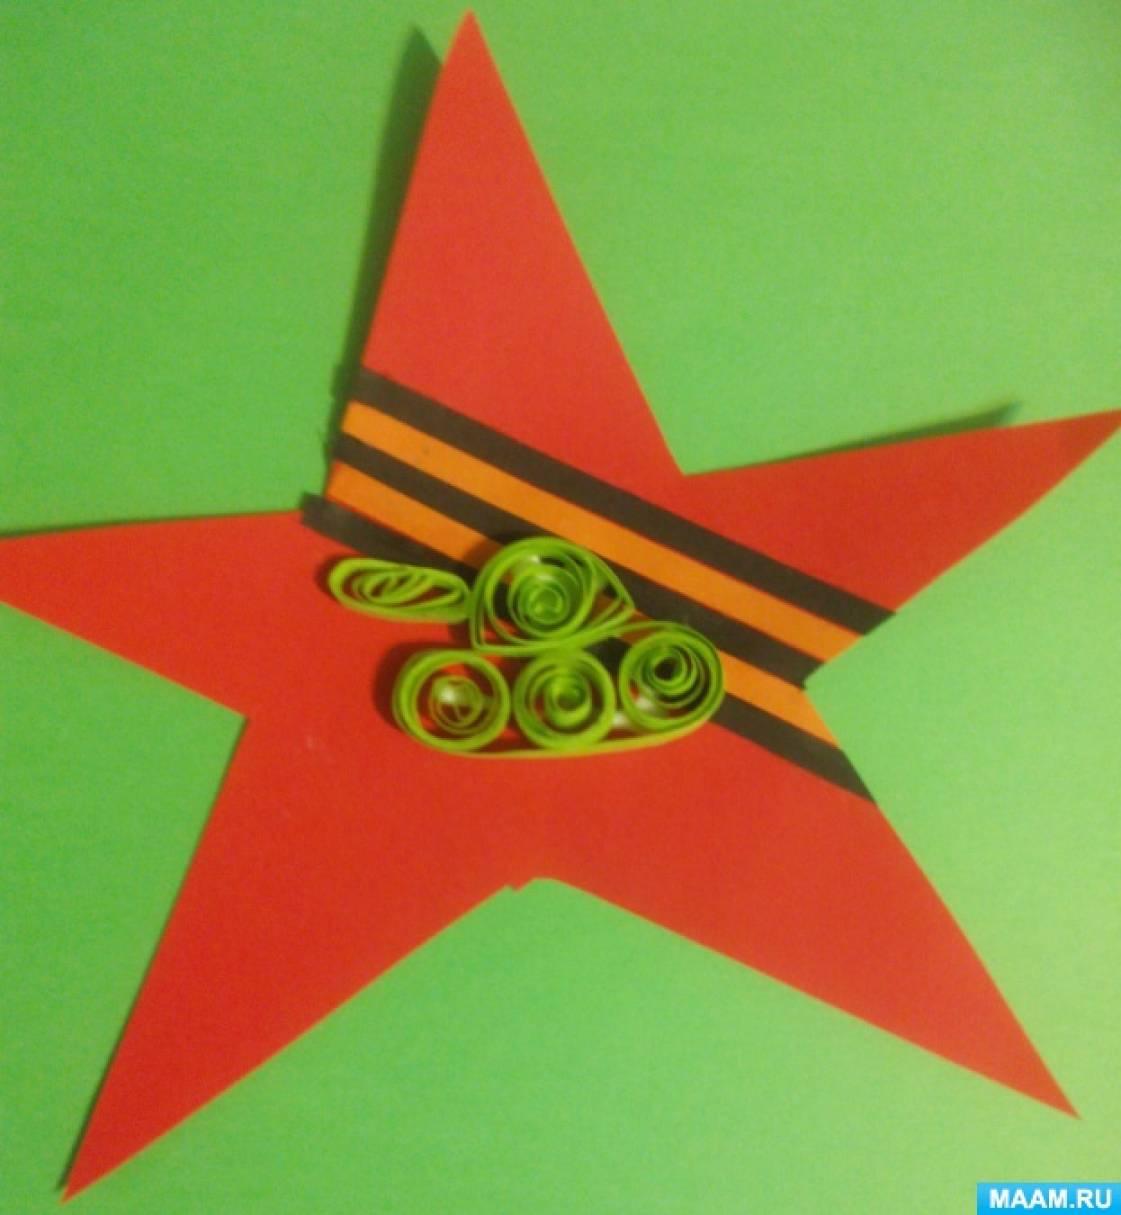 Открытки на 23 февраля с звездой 2 класс, открытки день